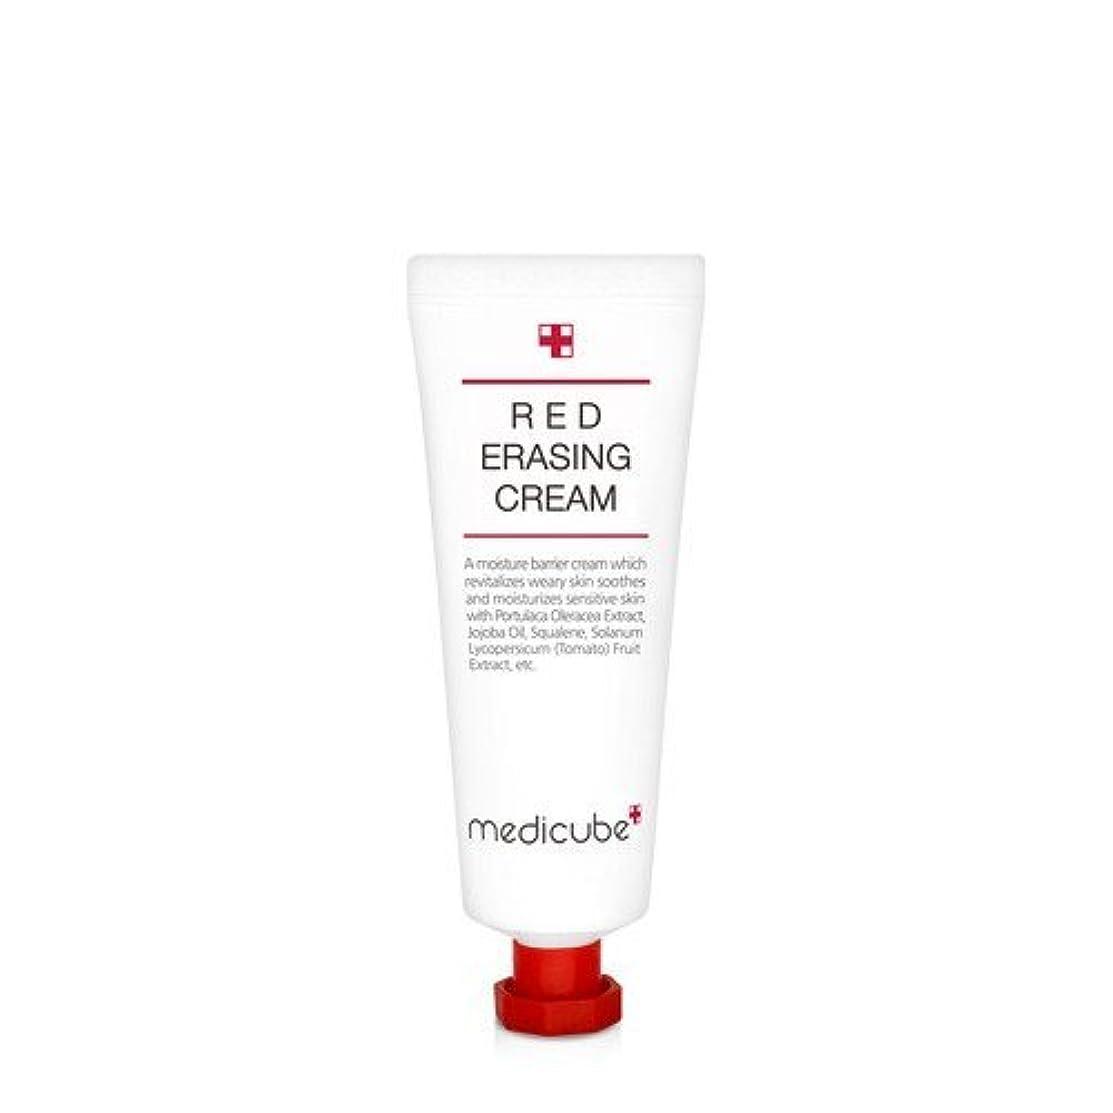 大学院フクロウ水平[Medicube]Red Erasing Cream 50g / メディキューブレッドイレイジングクリーム / 正品?海外直送商品 [並行輸入品]